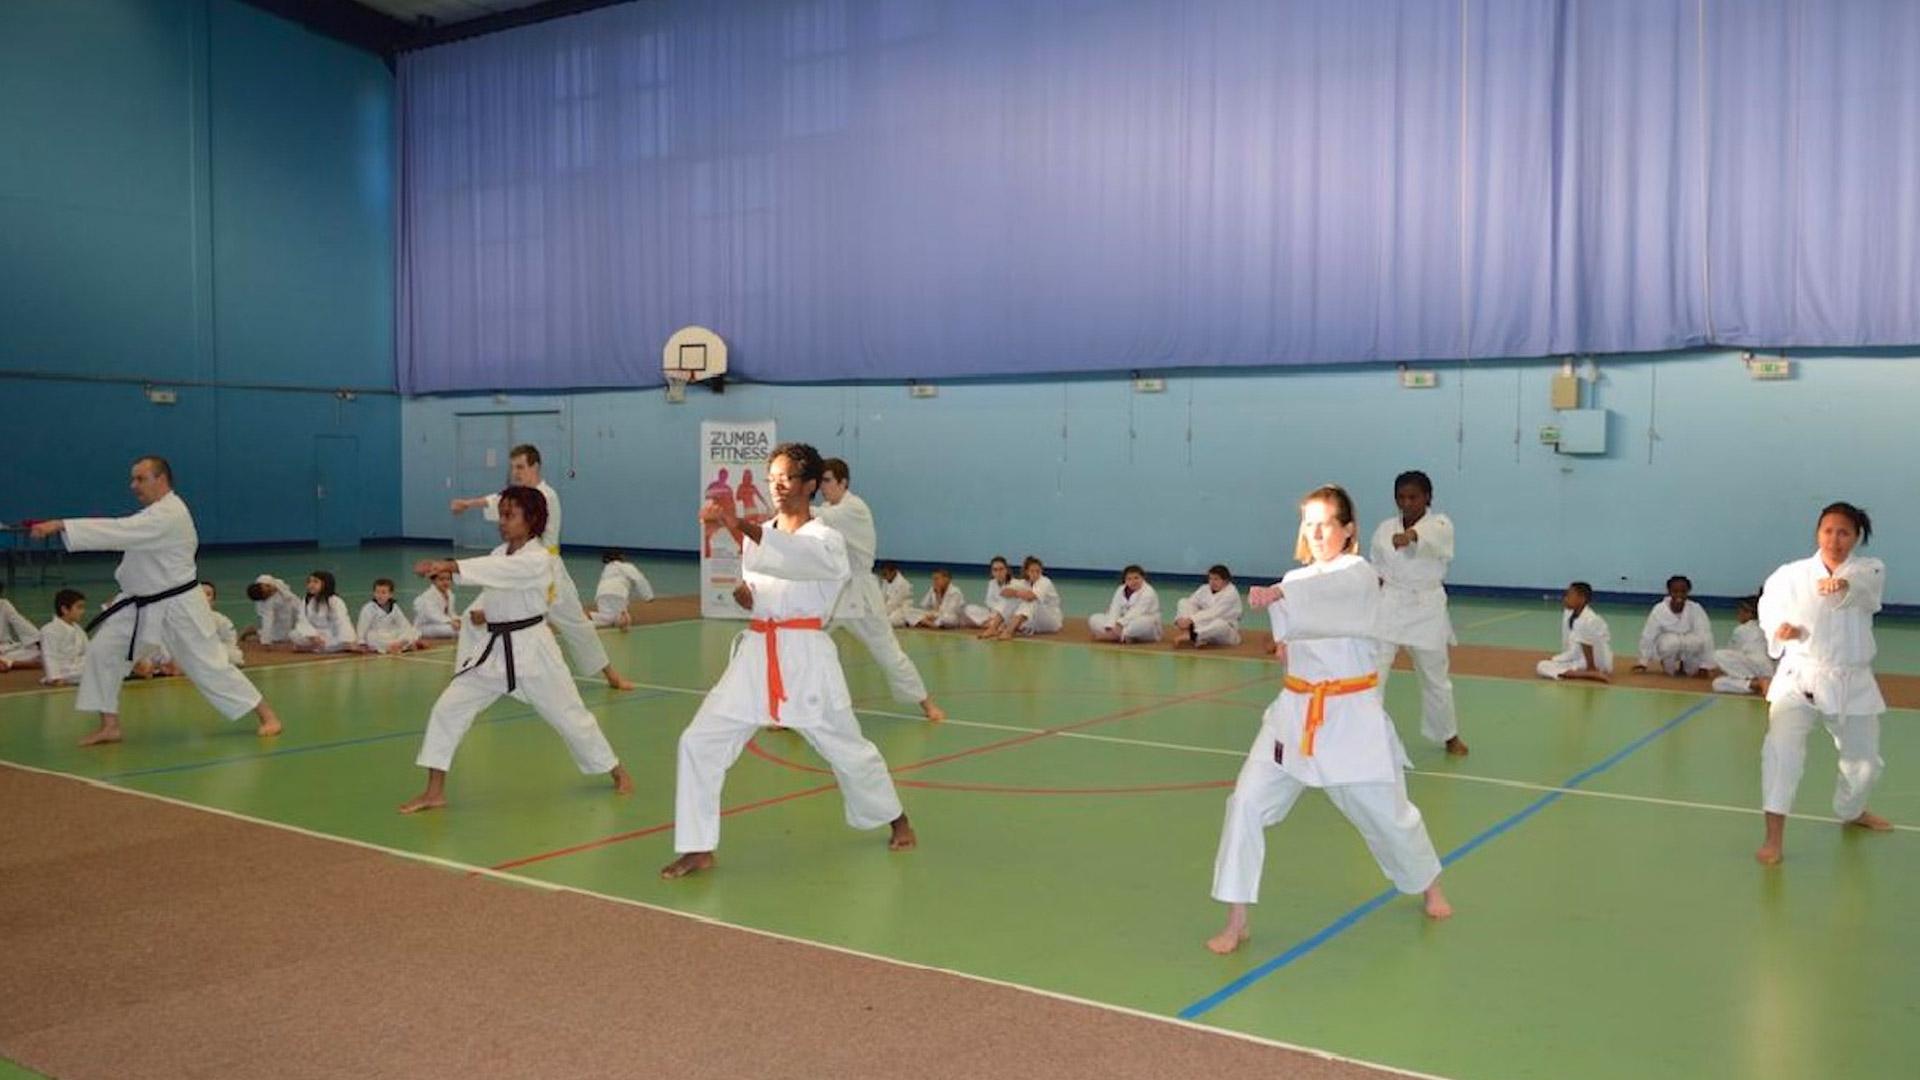 Karaté - Technique